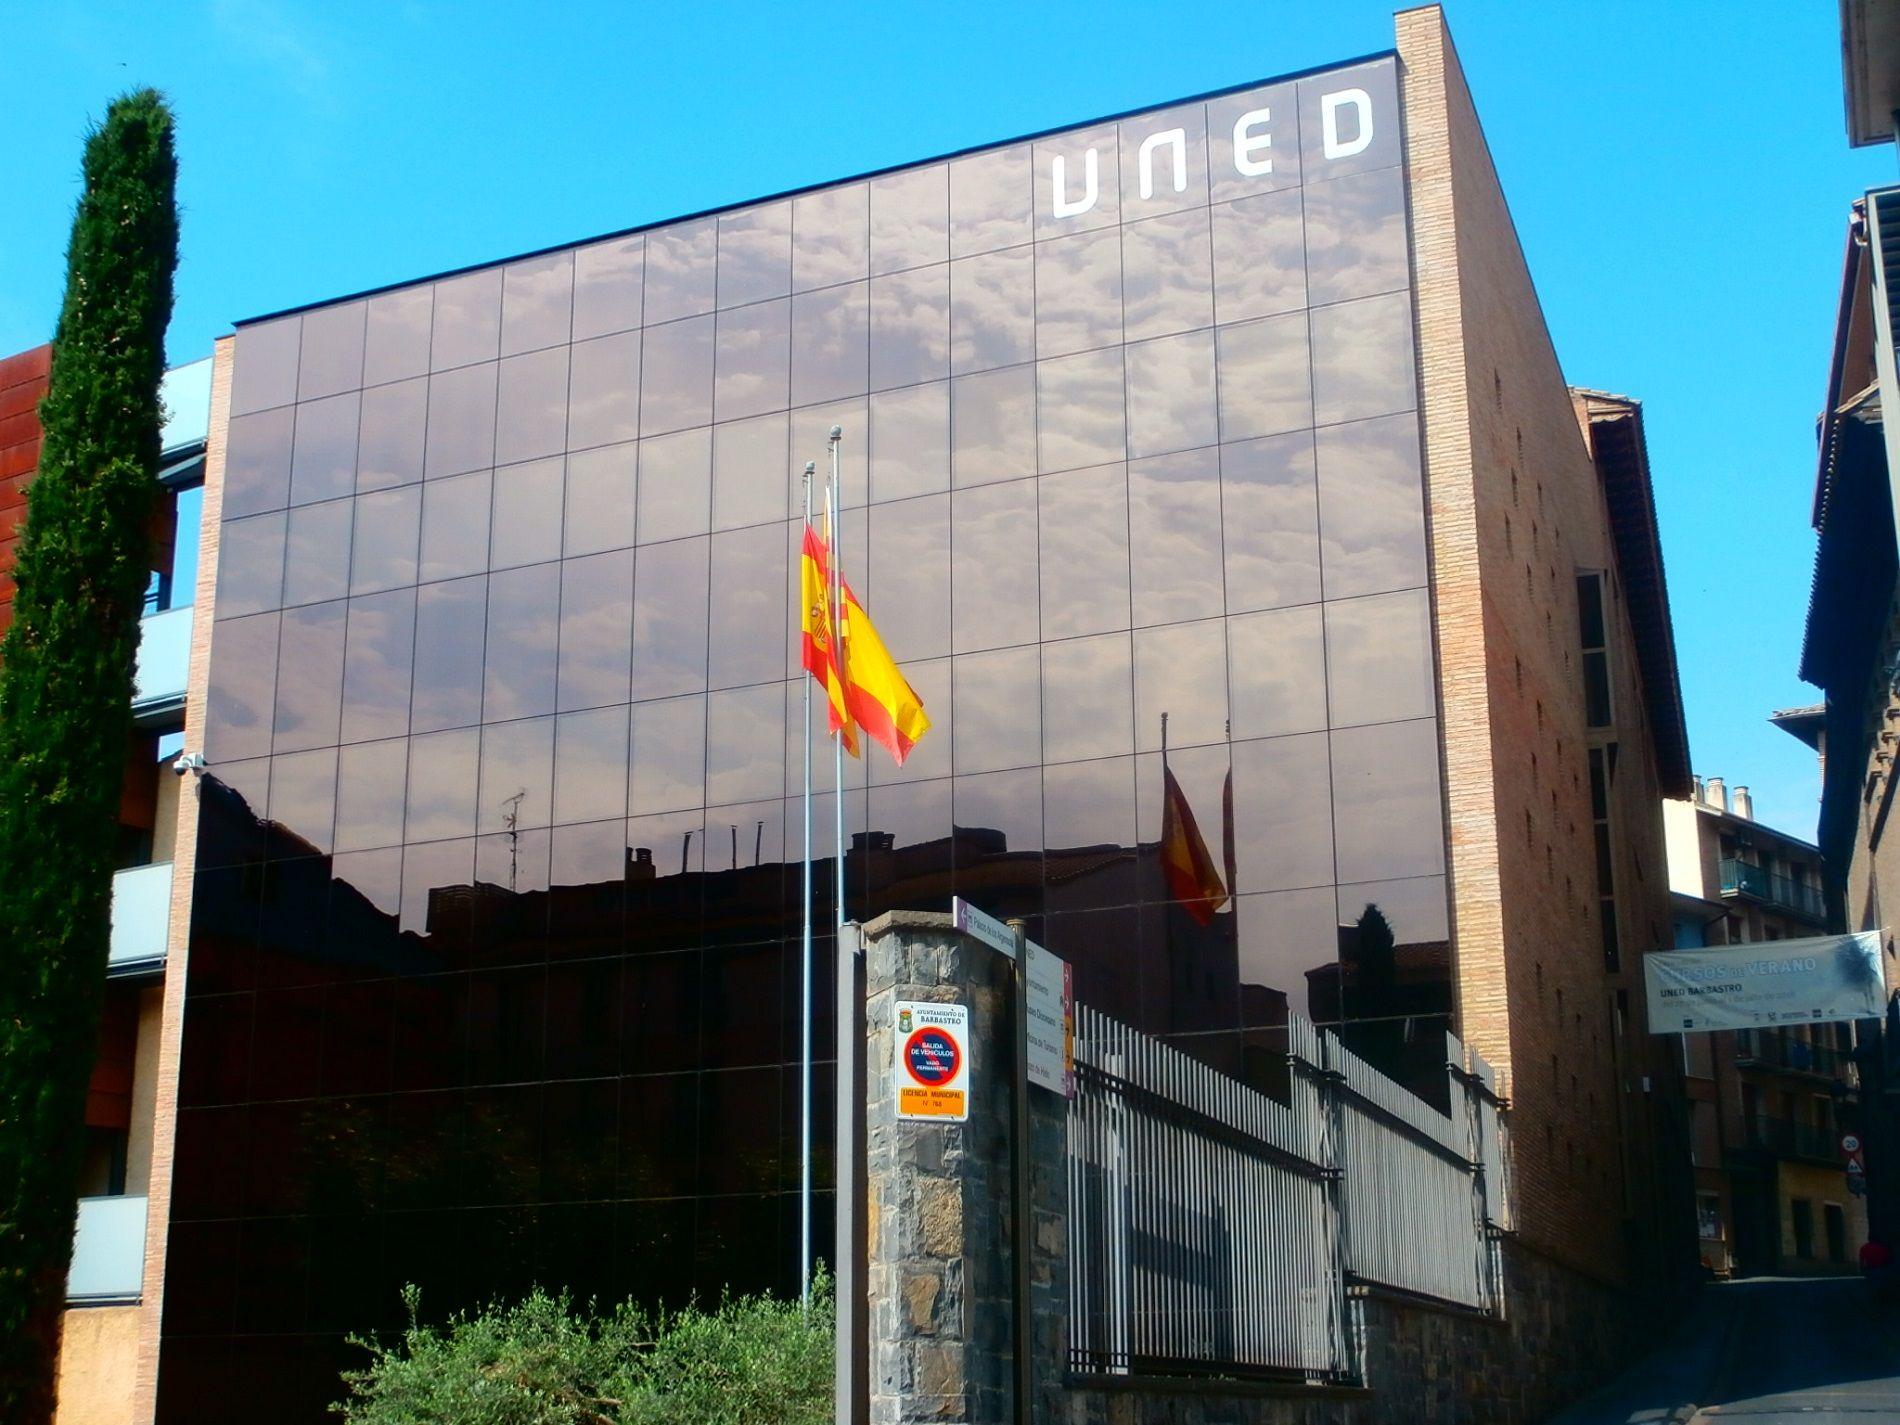 UNED de Barbastro. Foto: SobrarbeDigital